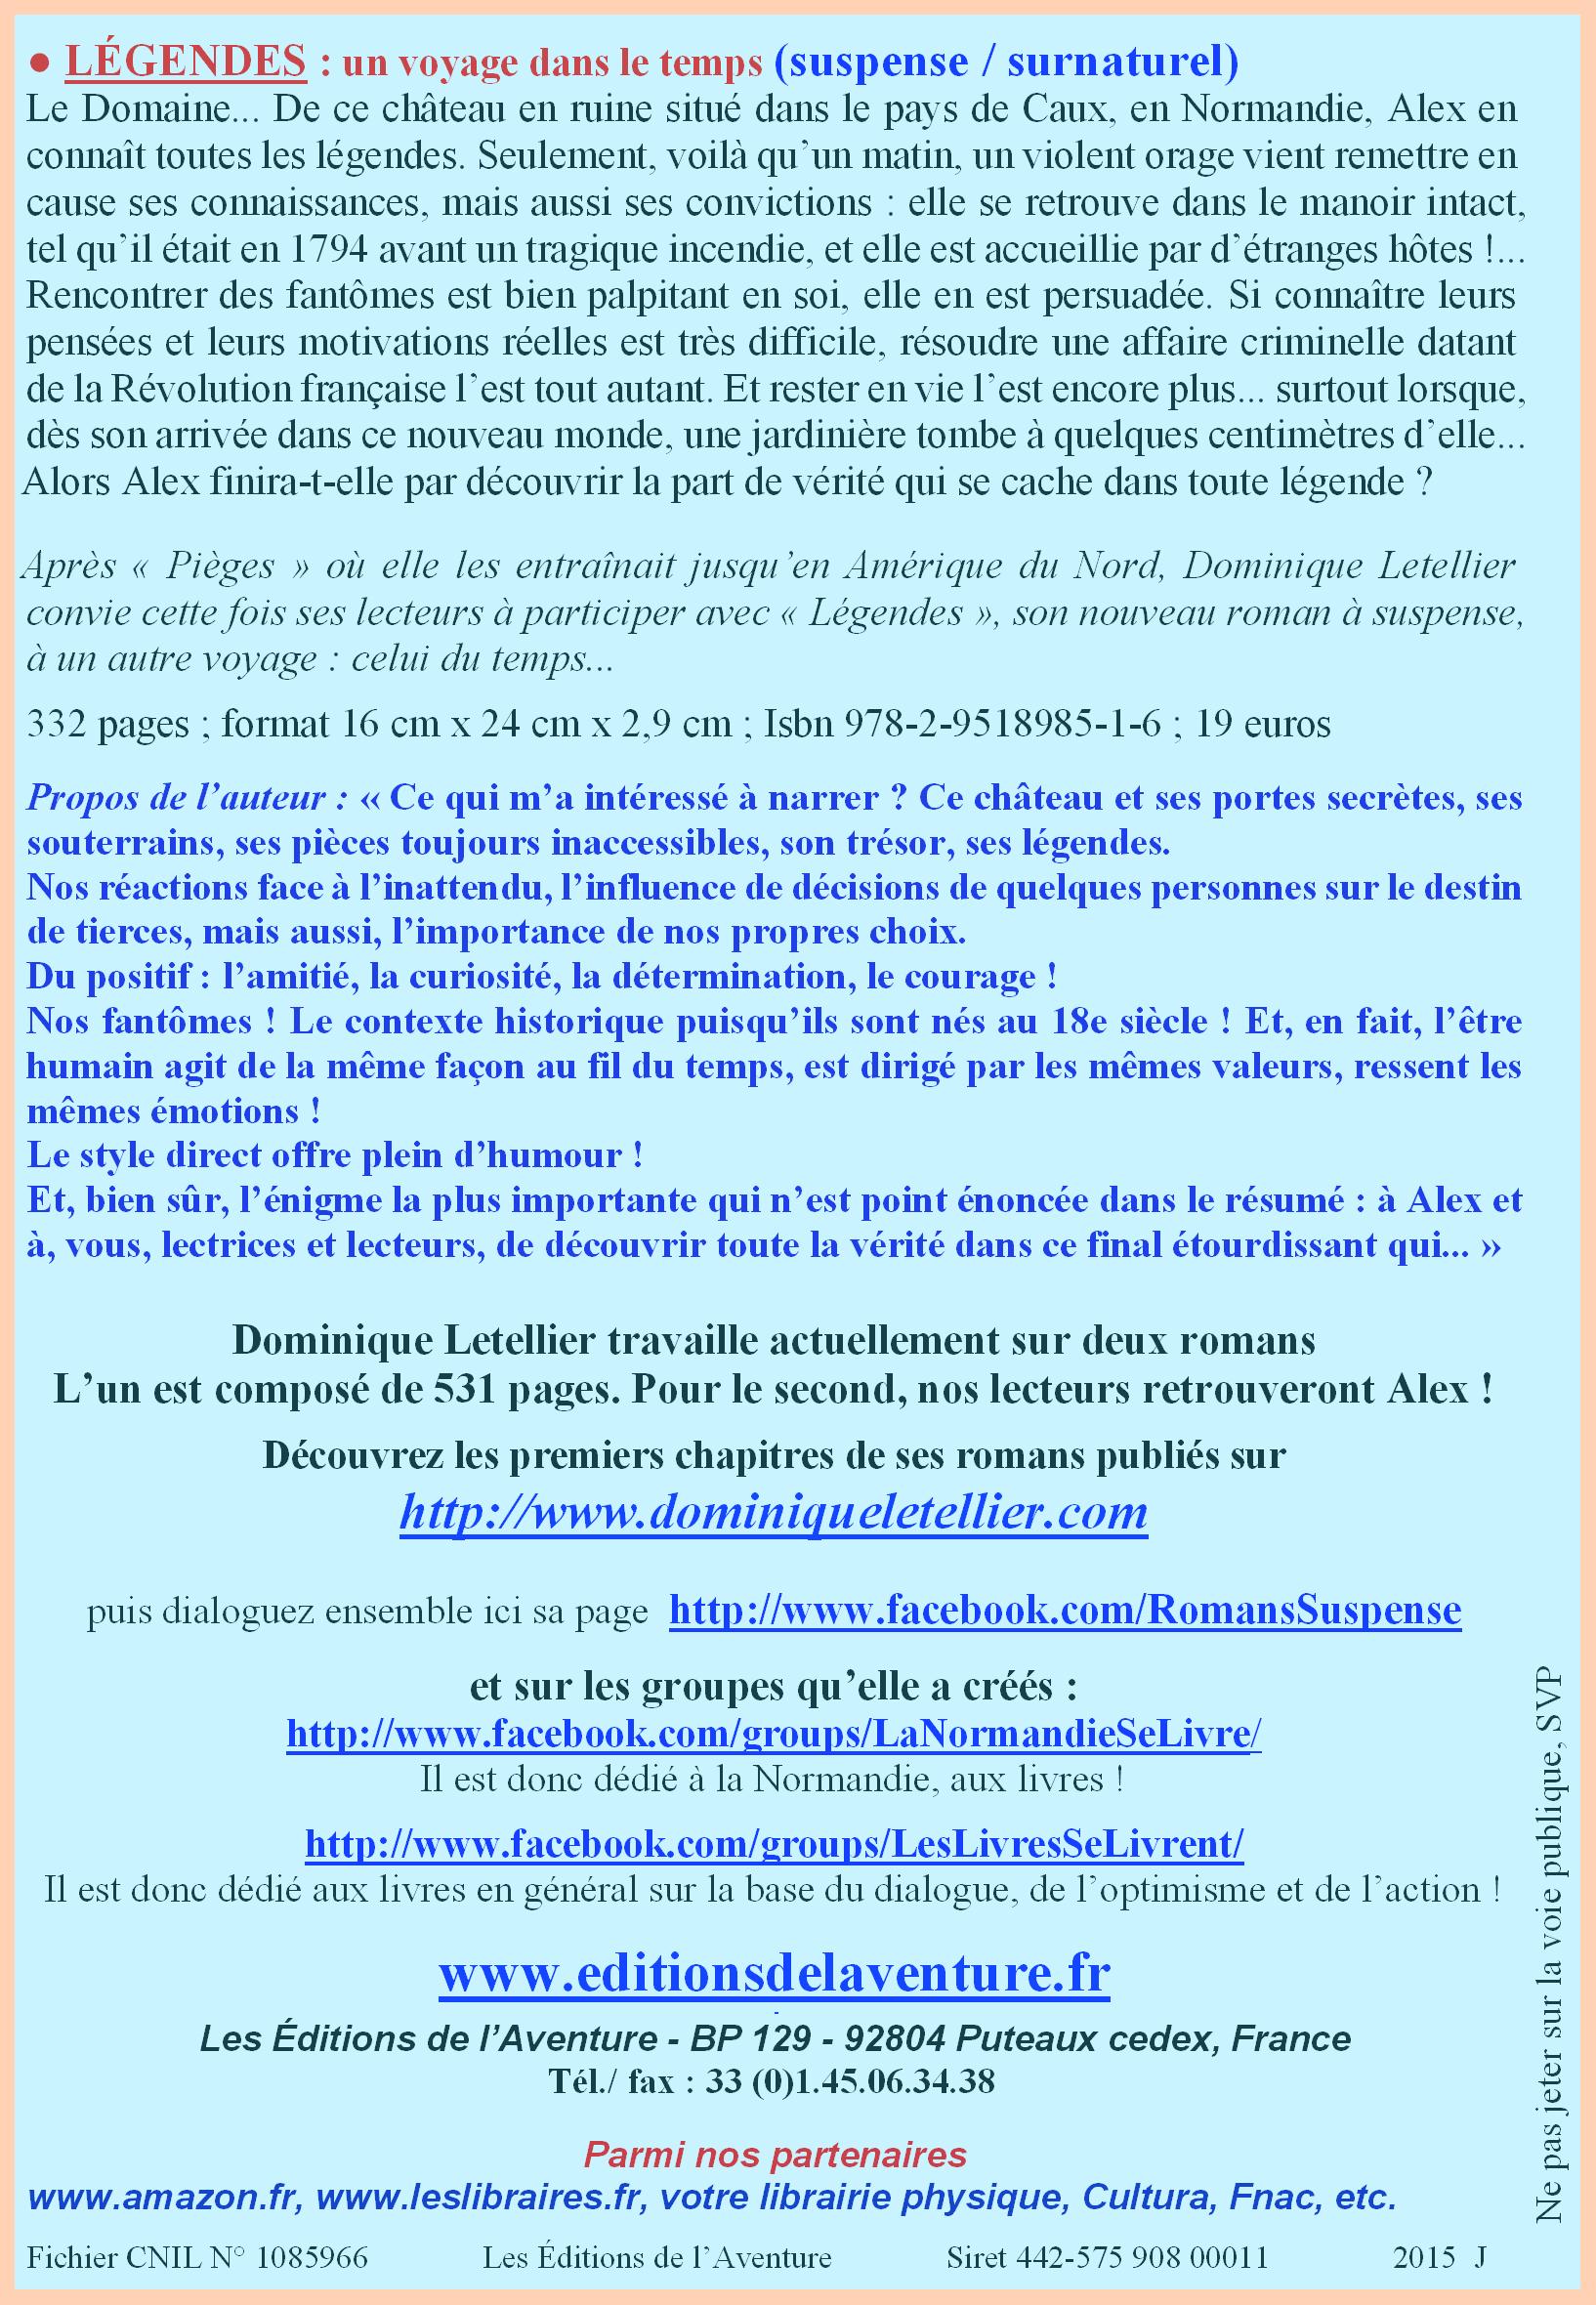 Dominique Letellier au 5e Salon du Polar de Franqueville Saint-Pierre le dimanche 15 novembre 2015 FranquevillePtFormatVerso